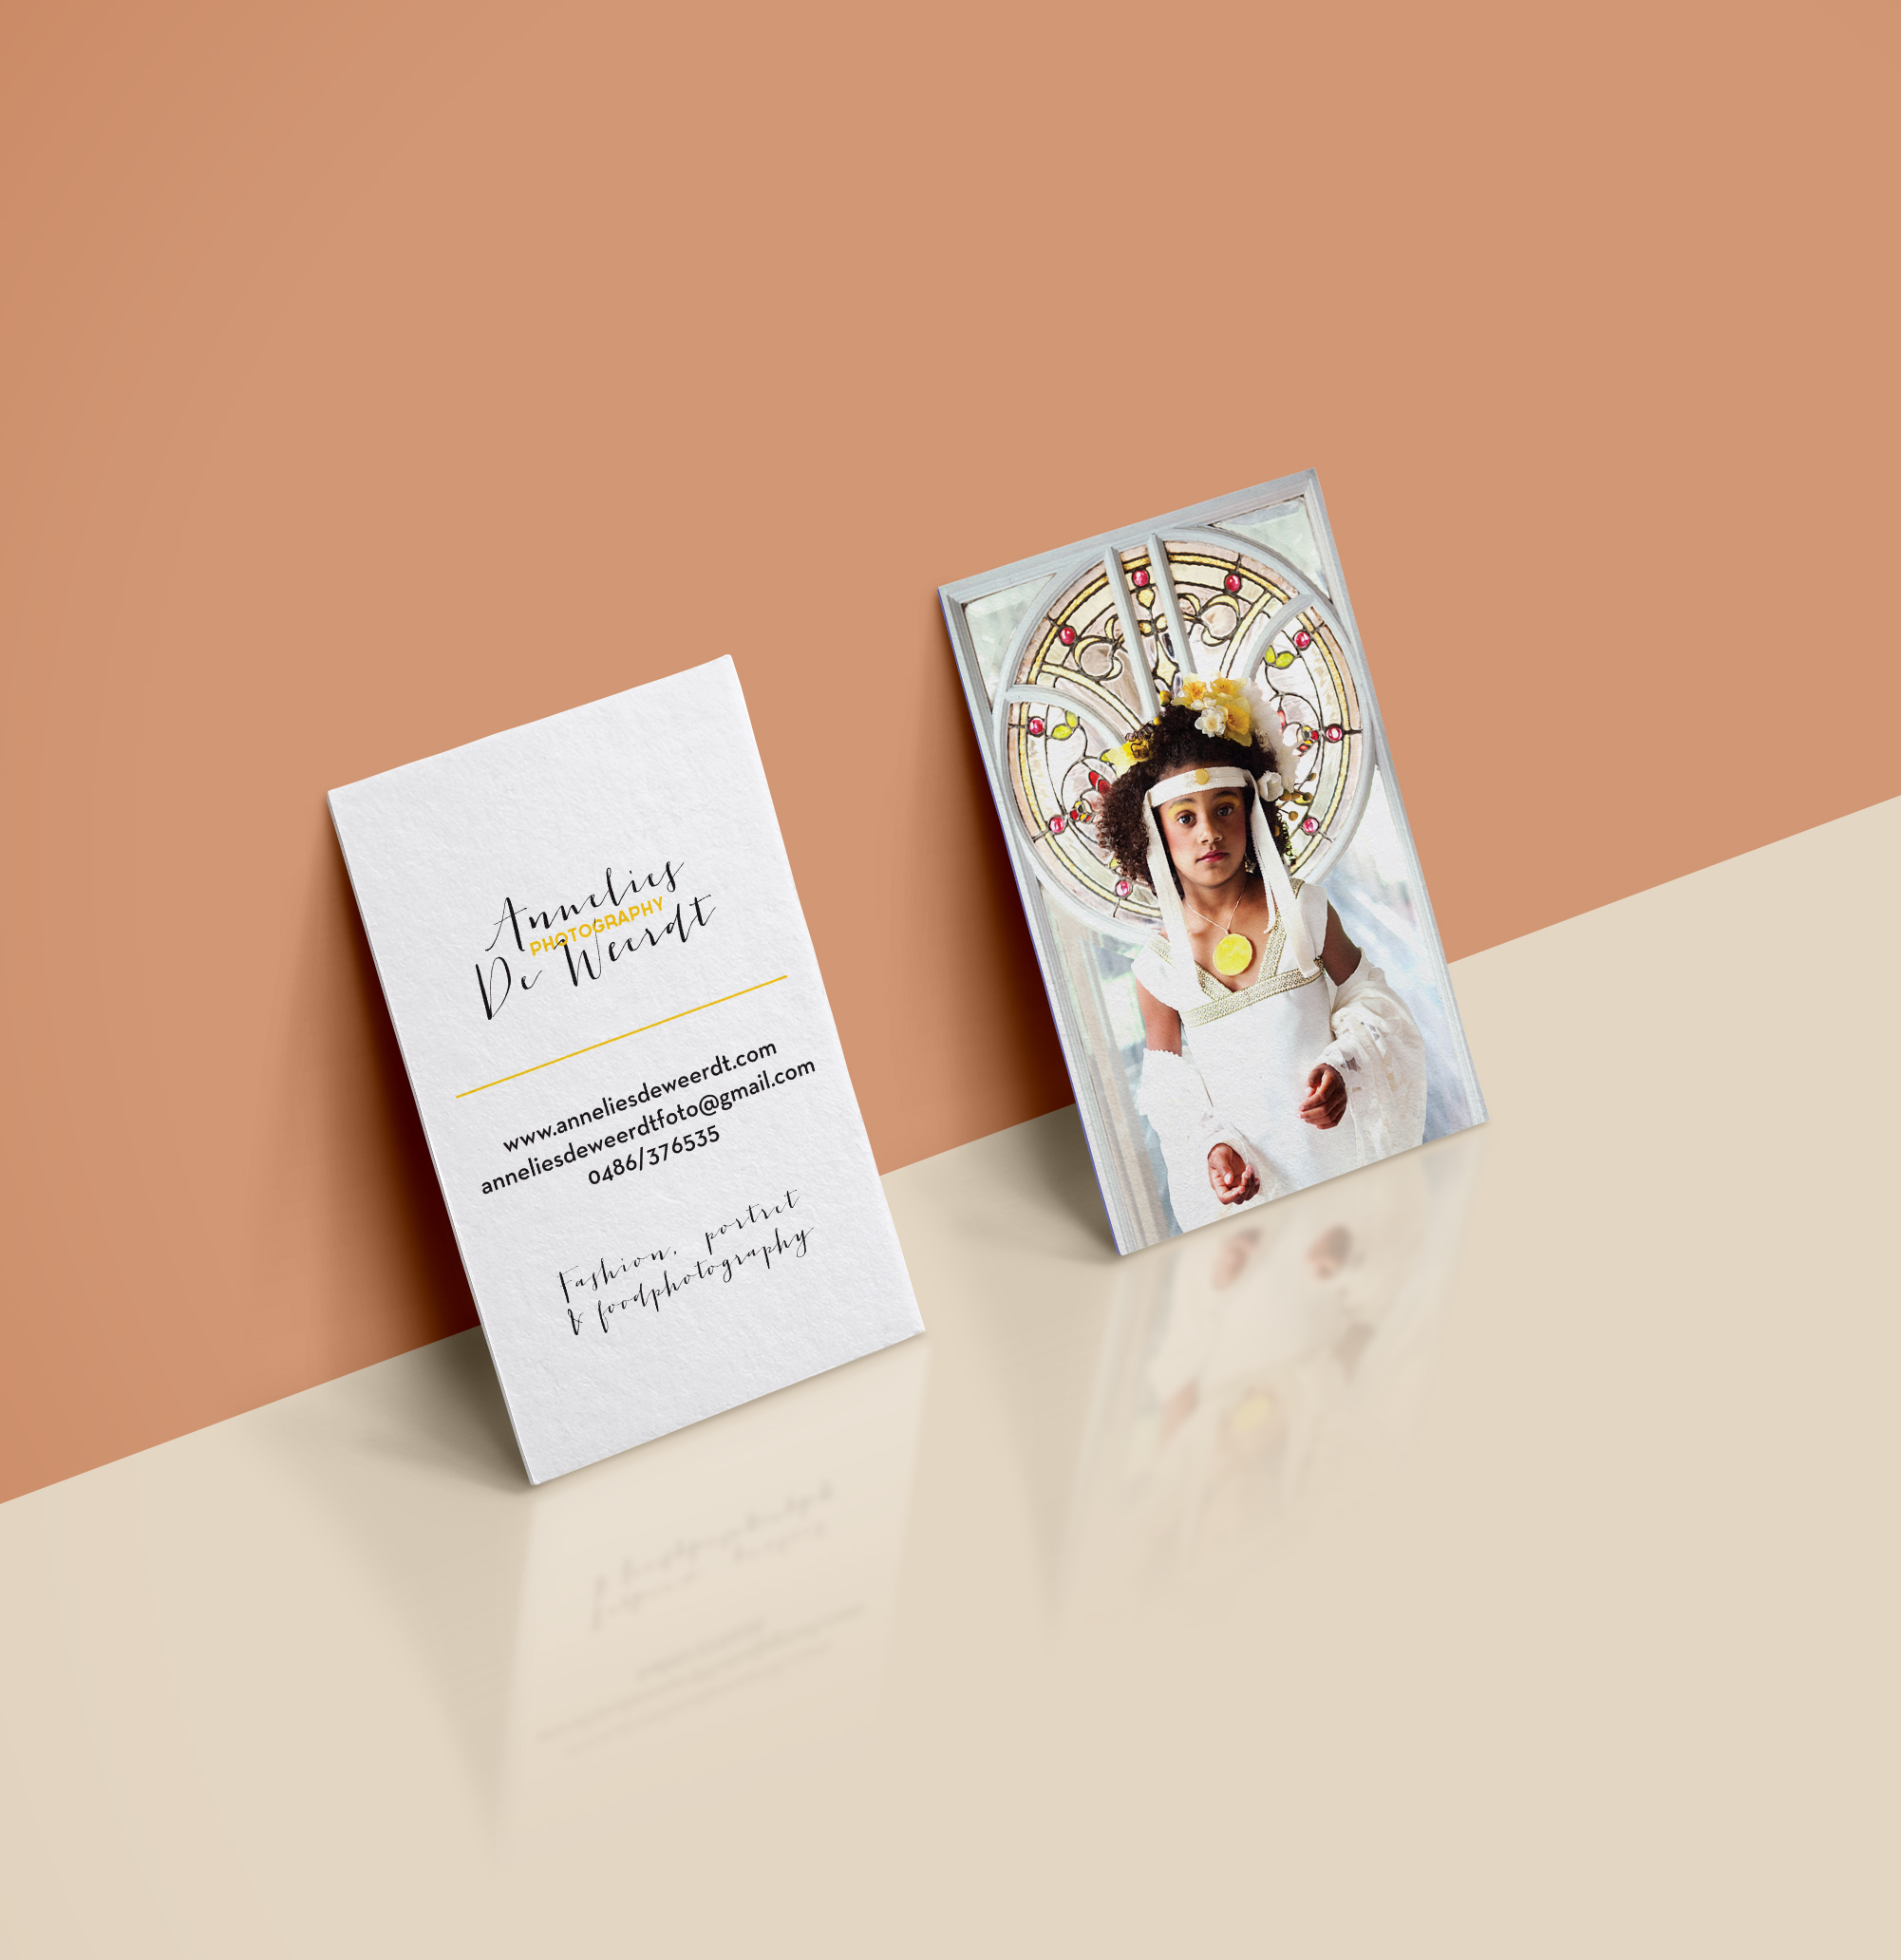 - Annelies De Weerdt photographyLogo and business card designed for photographer Annelies De Weerdt.Pictures by the talented Annelies De Weerdt.